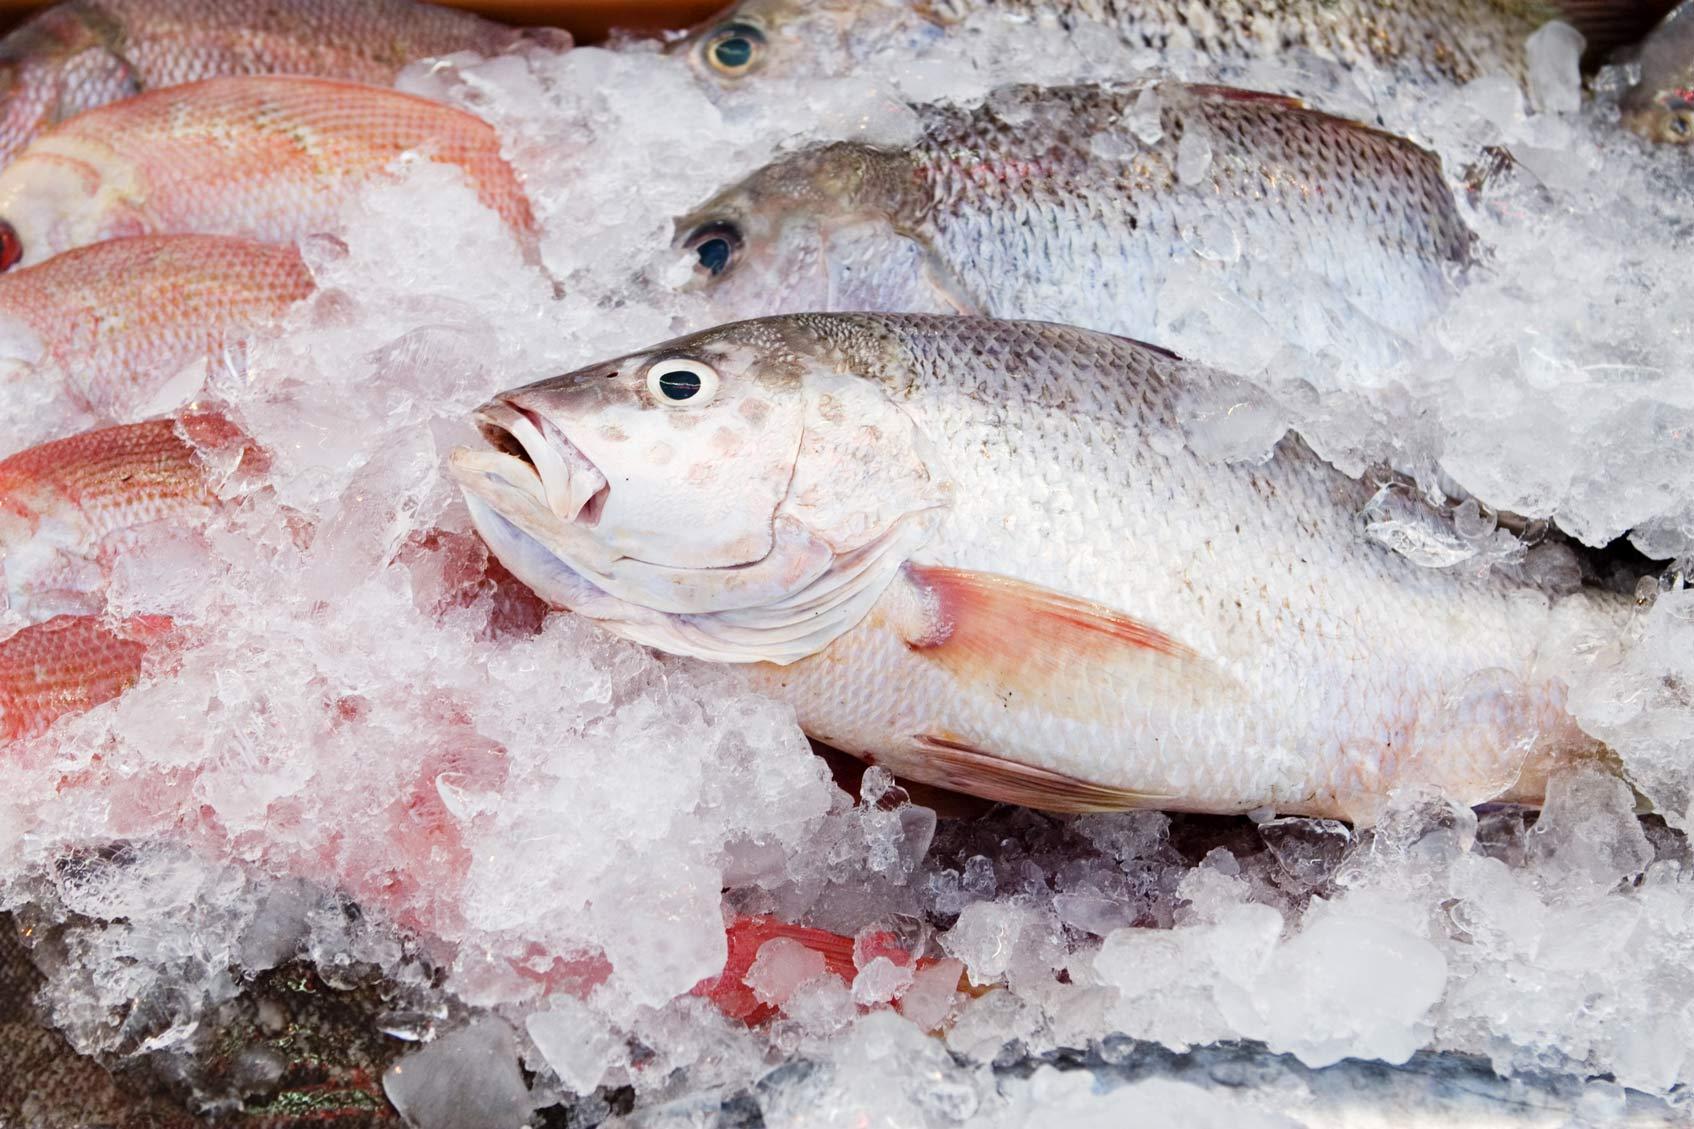 где купить свежую рыбу в Москве